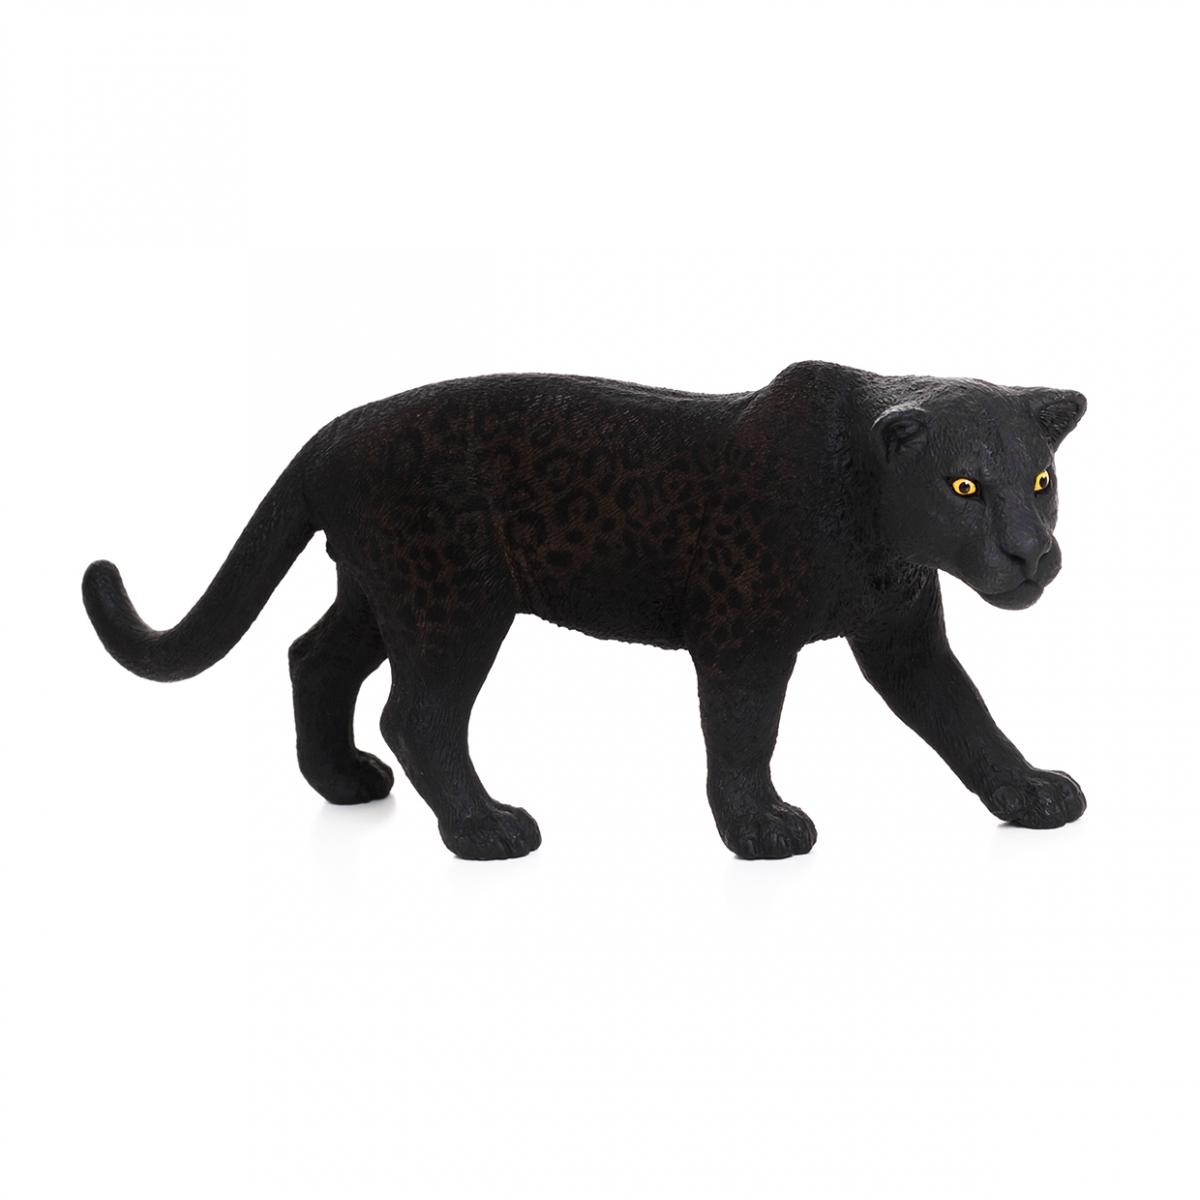 Imagen de una pantera negra